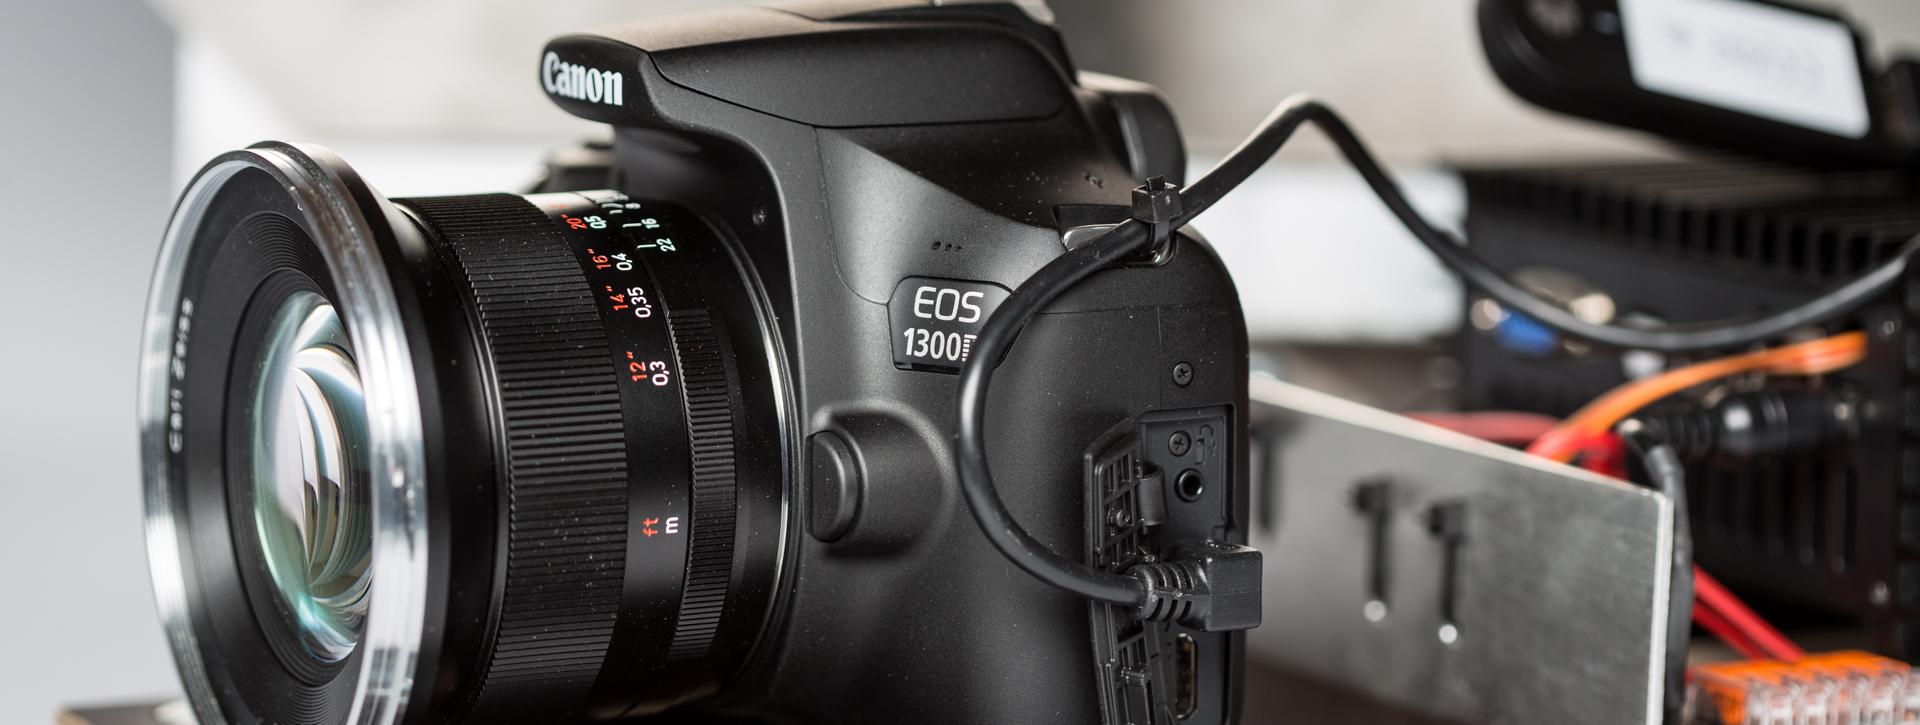 kameratechnik langzeitaufnahme baustellenkamera